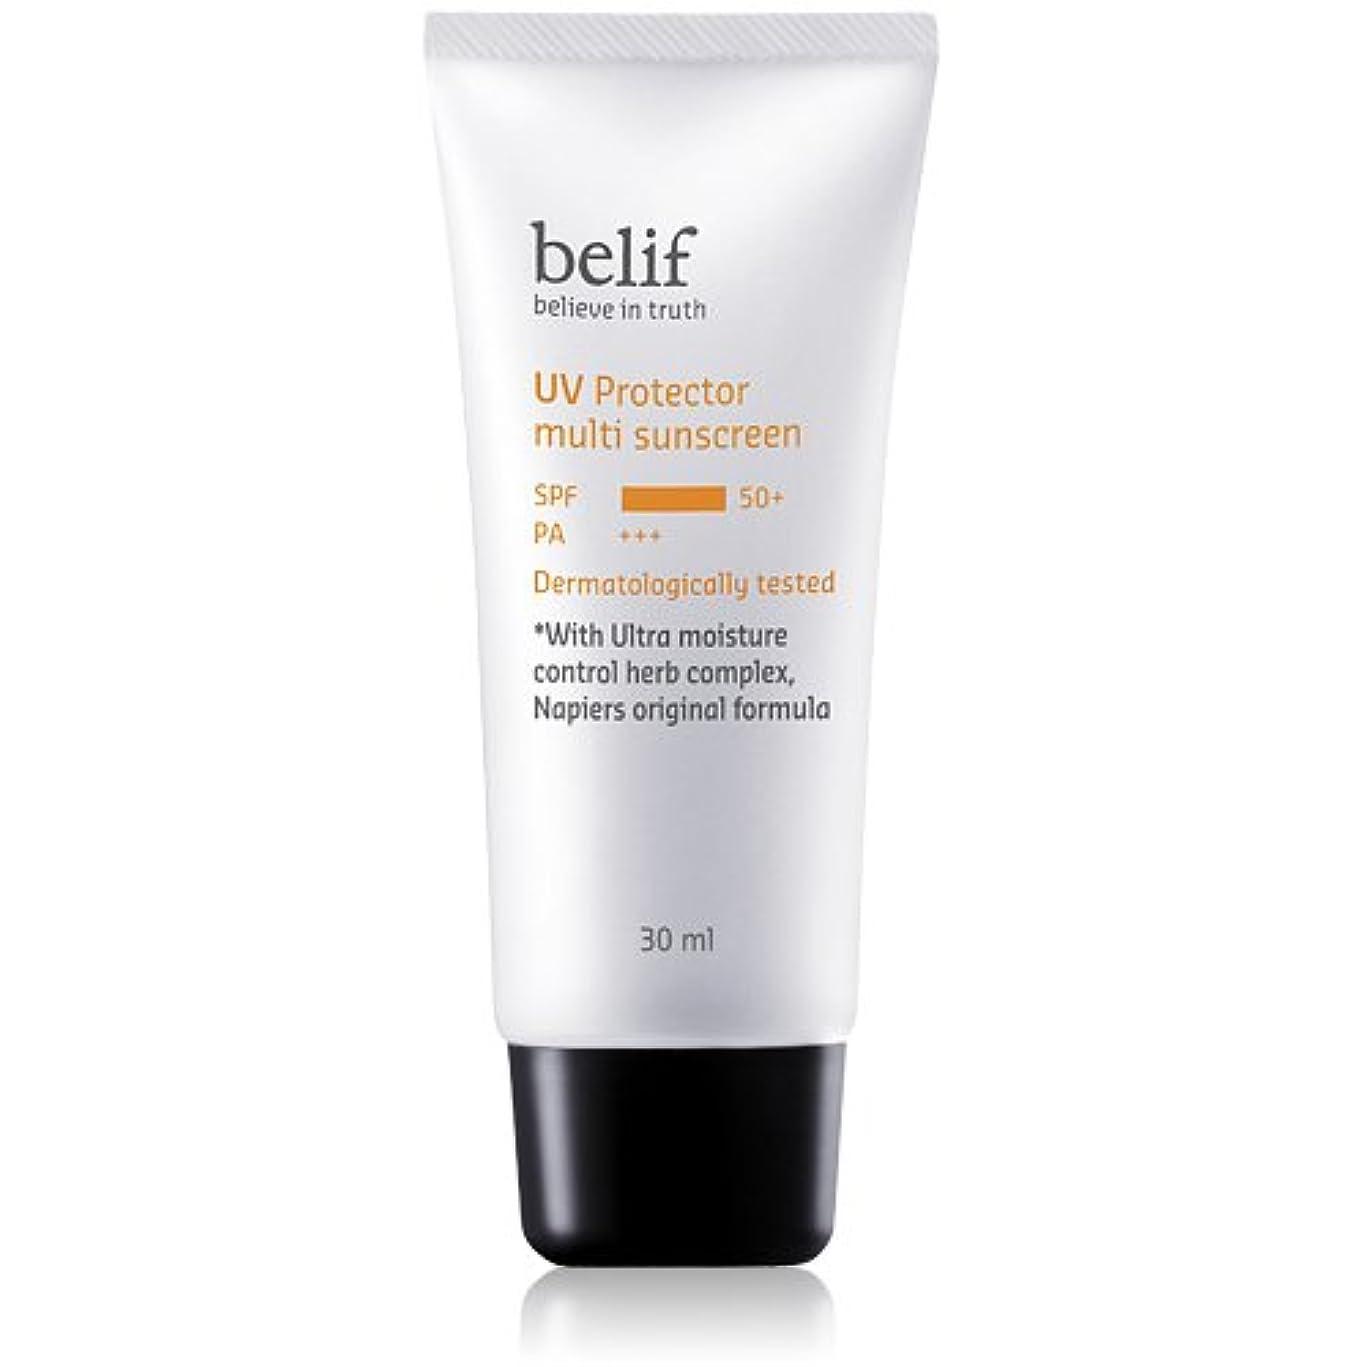 マウスピース定常文字通りBelif(ビリーフ)UV Protector Multi sunscreen 30ml/ビリーフUVプロテクターマルチサンスクリーン